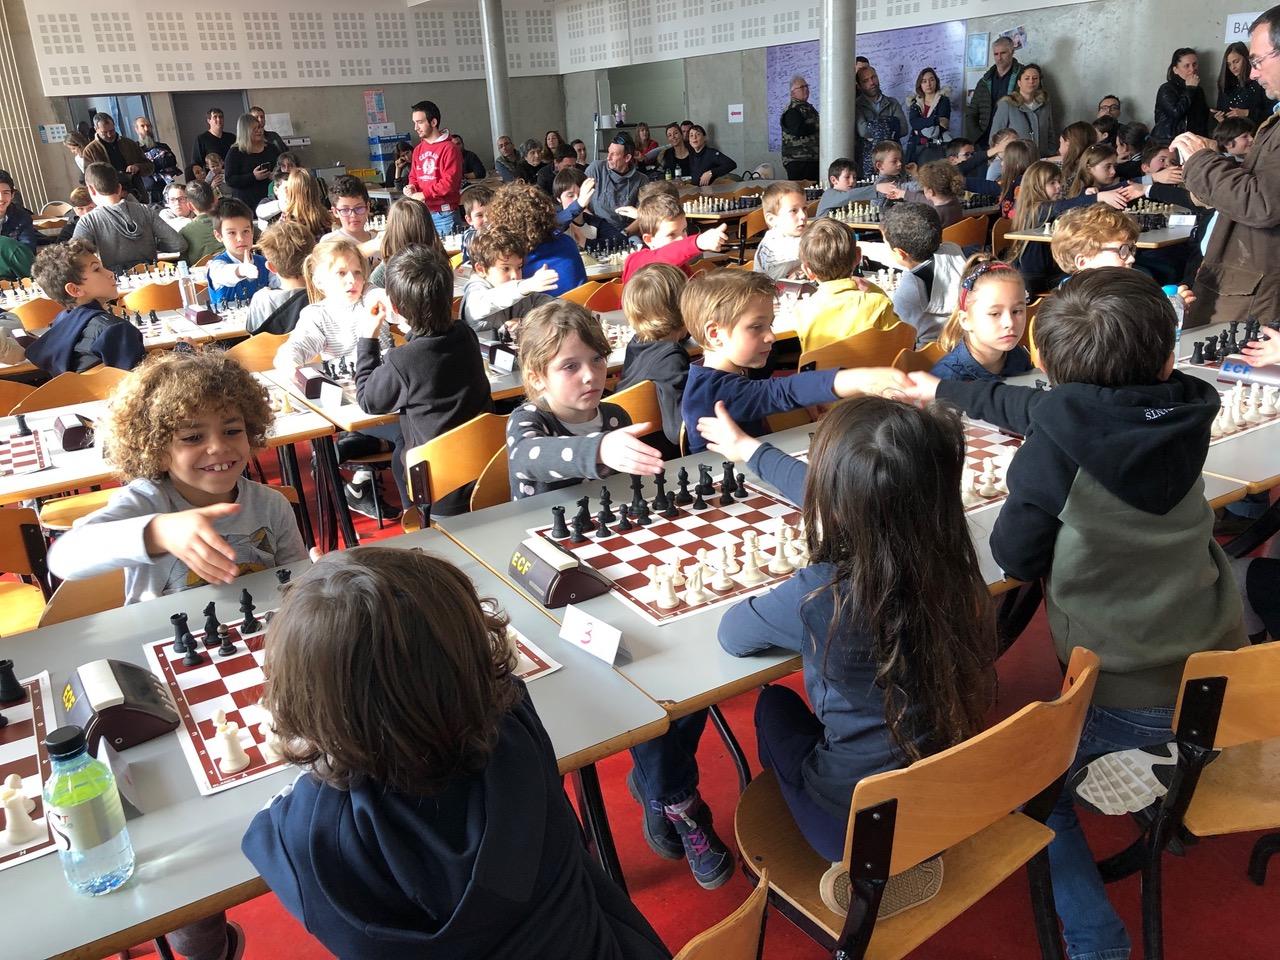 Ghjustre qualificative - Campiunatu di Corsica di i giovani 2020